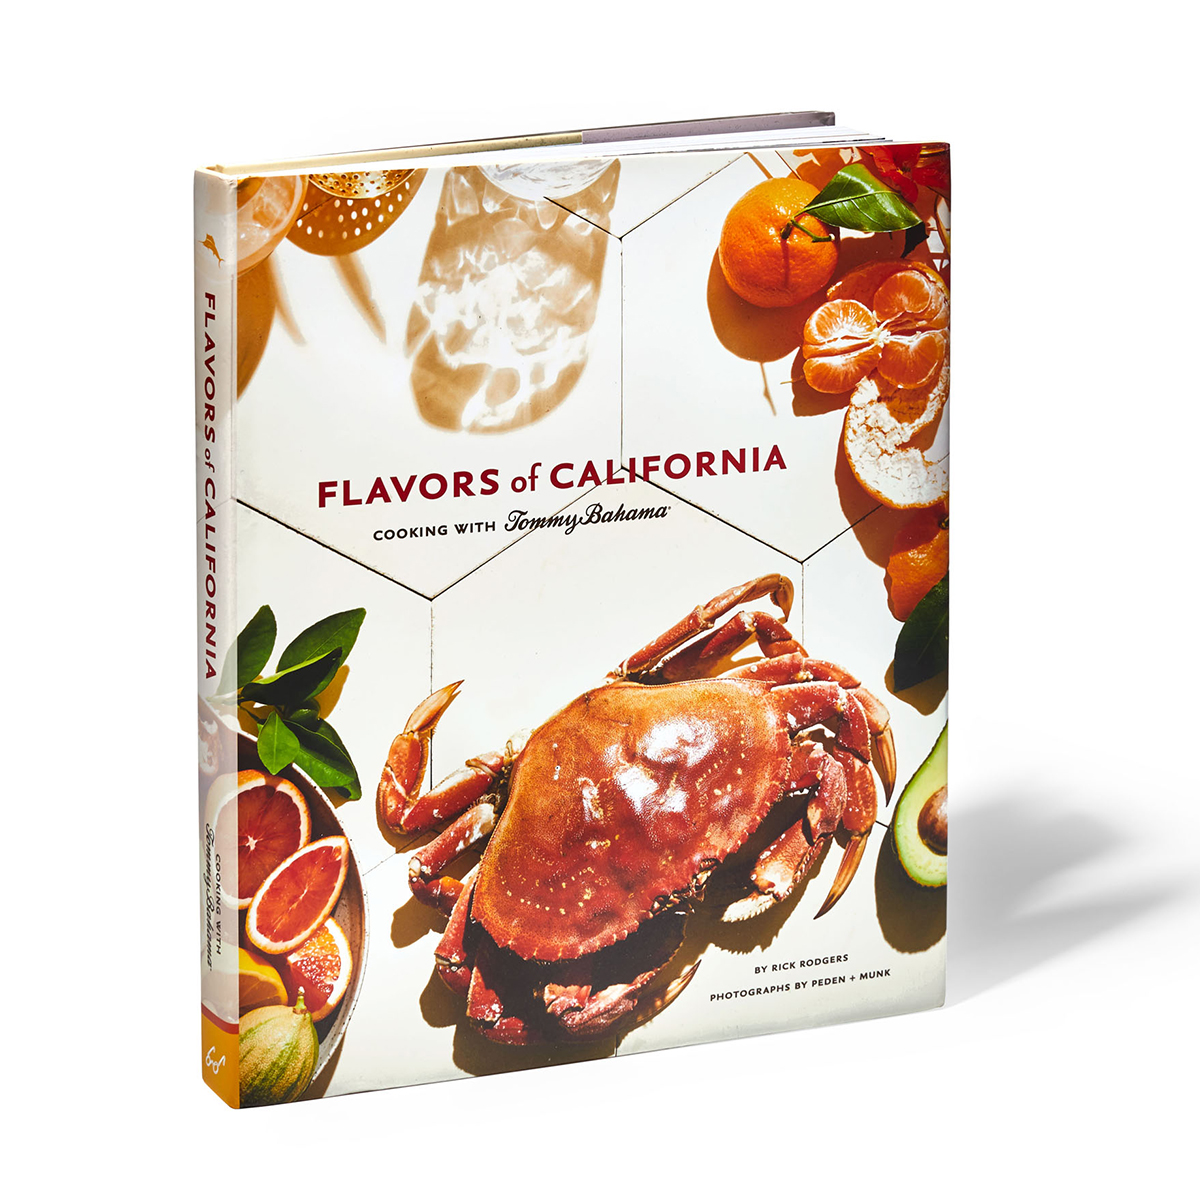 flavors of california cookbook